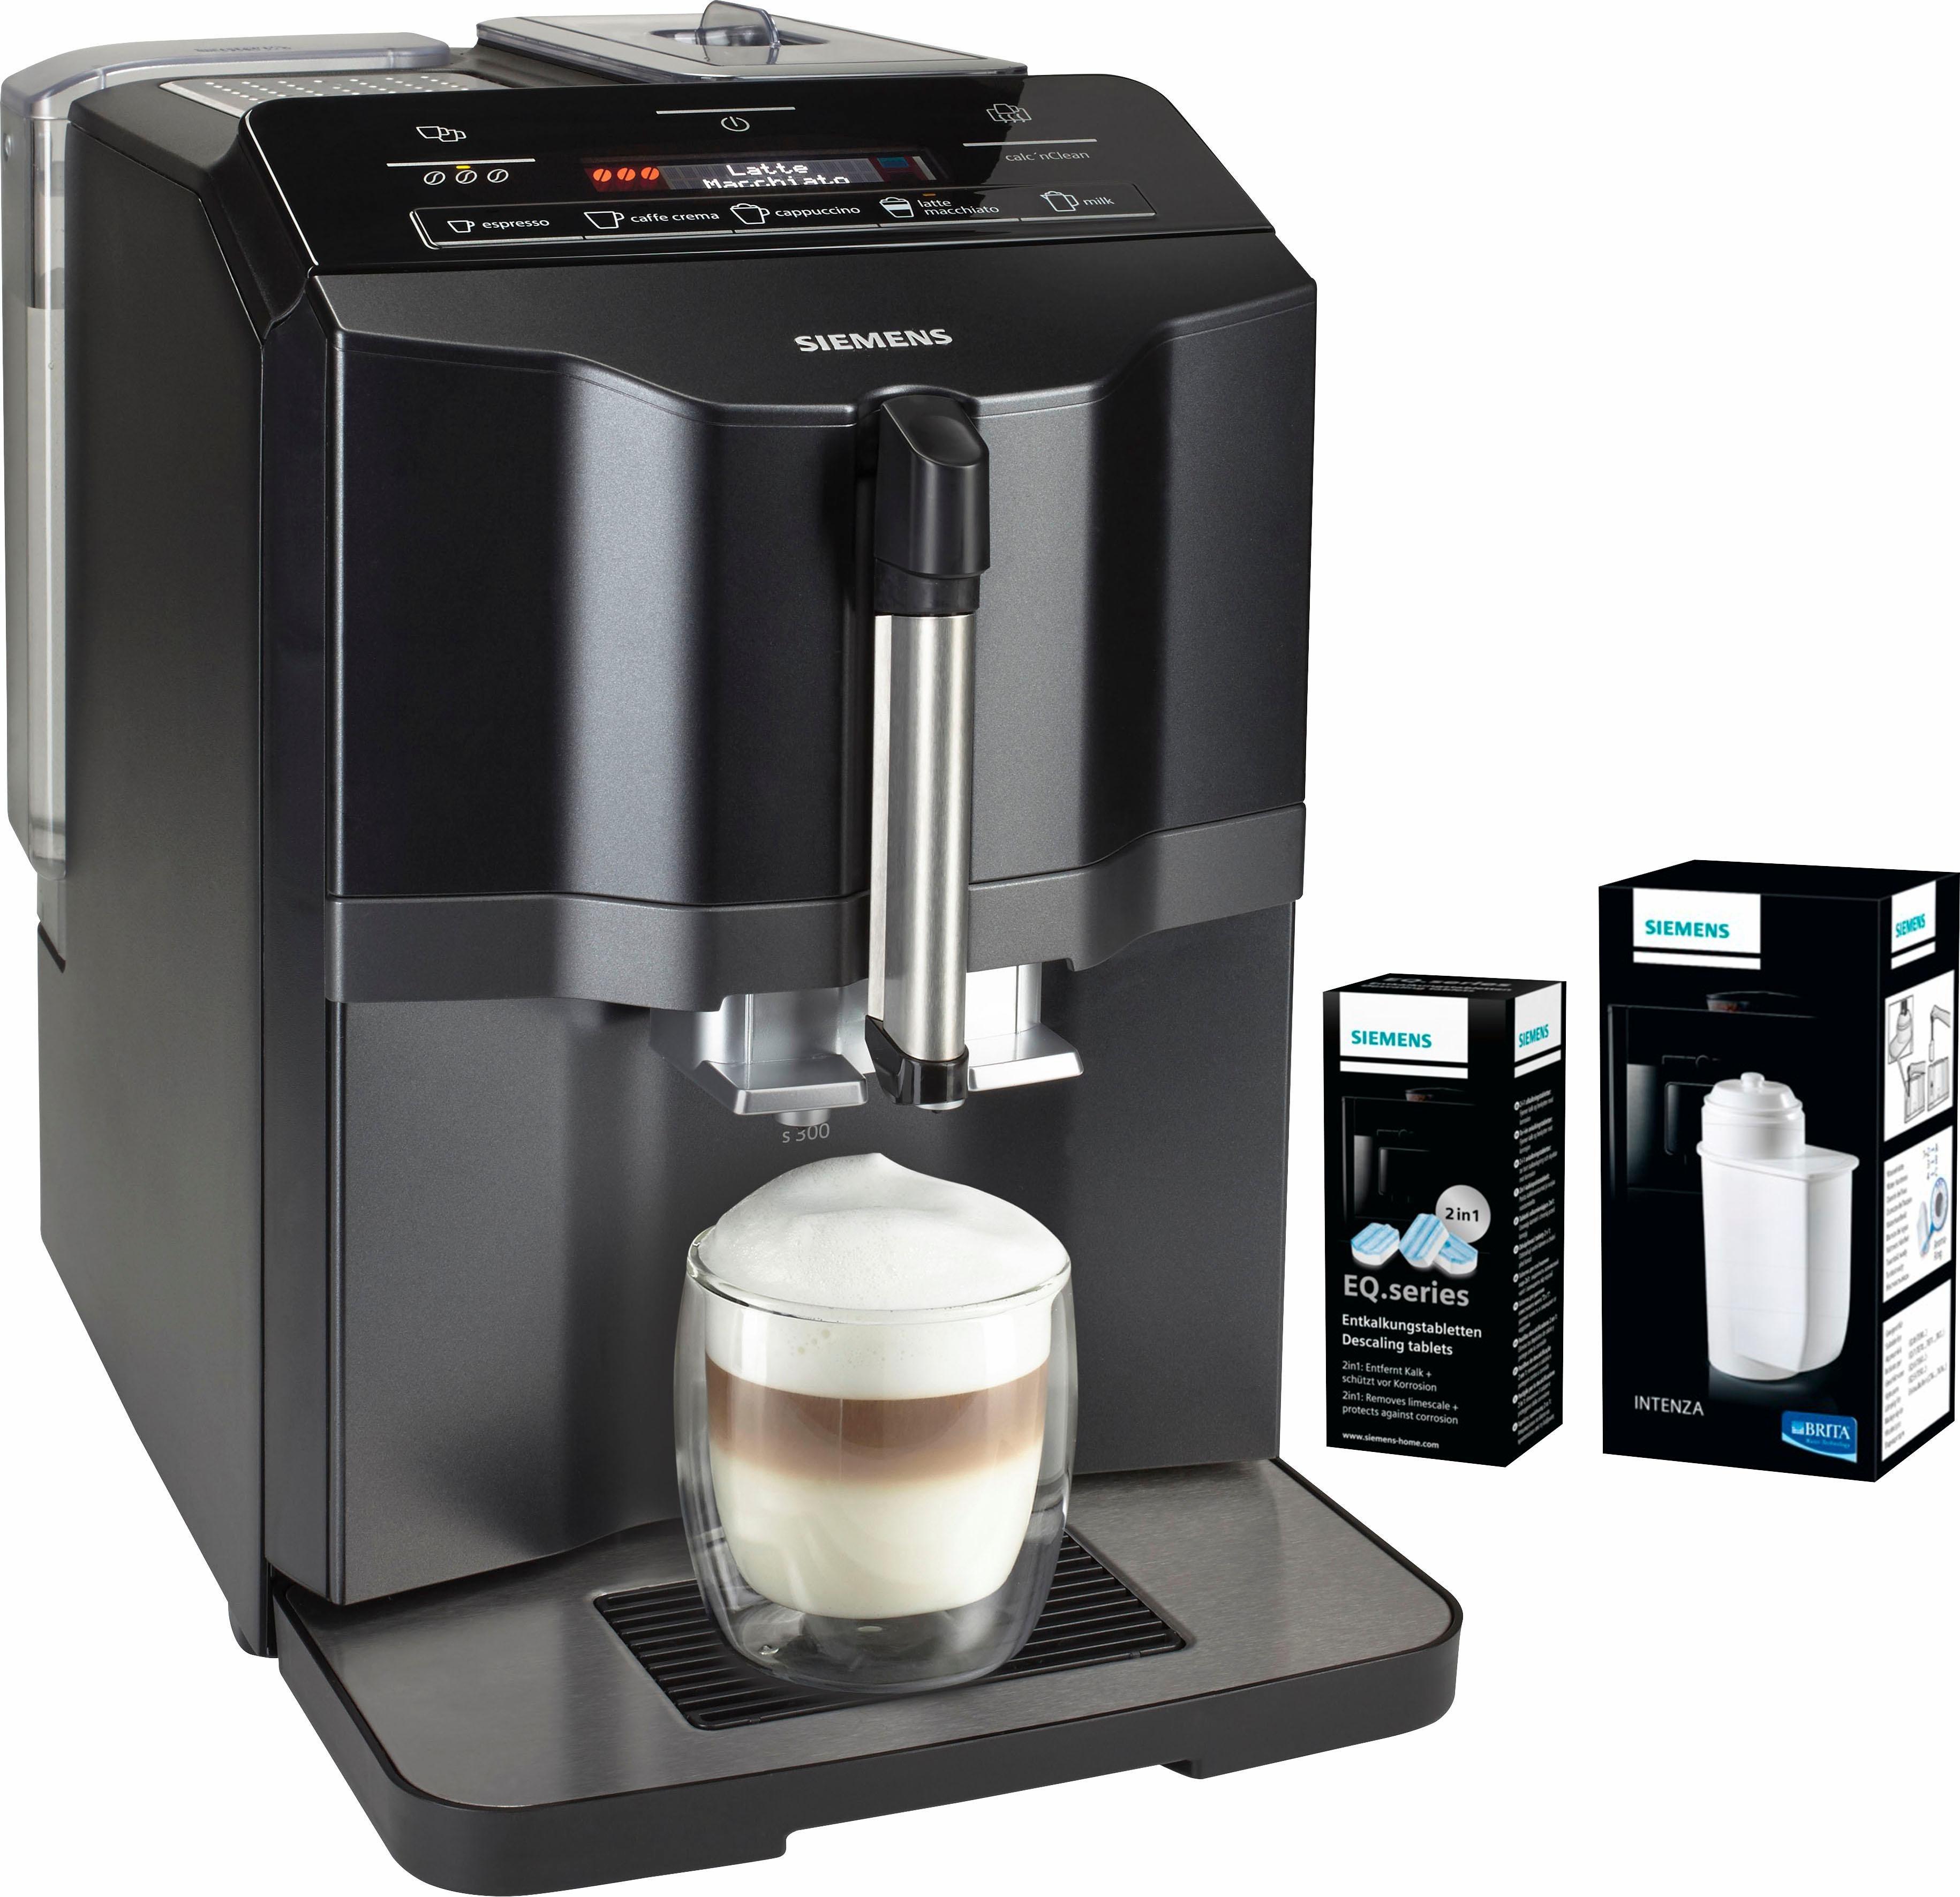 Kaffeevollautomat EQ.3 s300 TI313519DE, inkl. einer Packung Entkalker & einem Brita Intenza Wasserfilter im Wert von UVP € 26,98